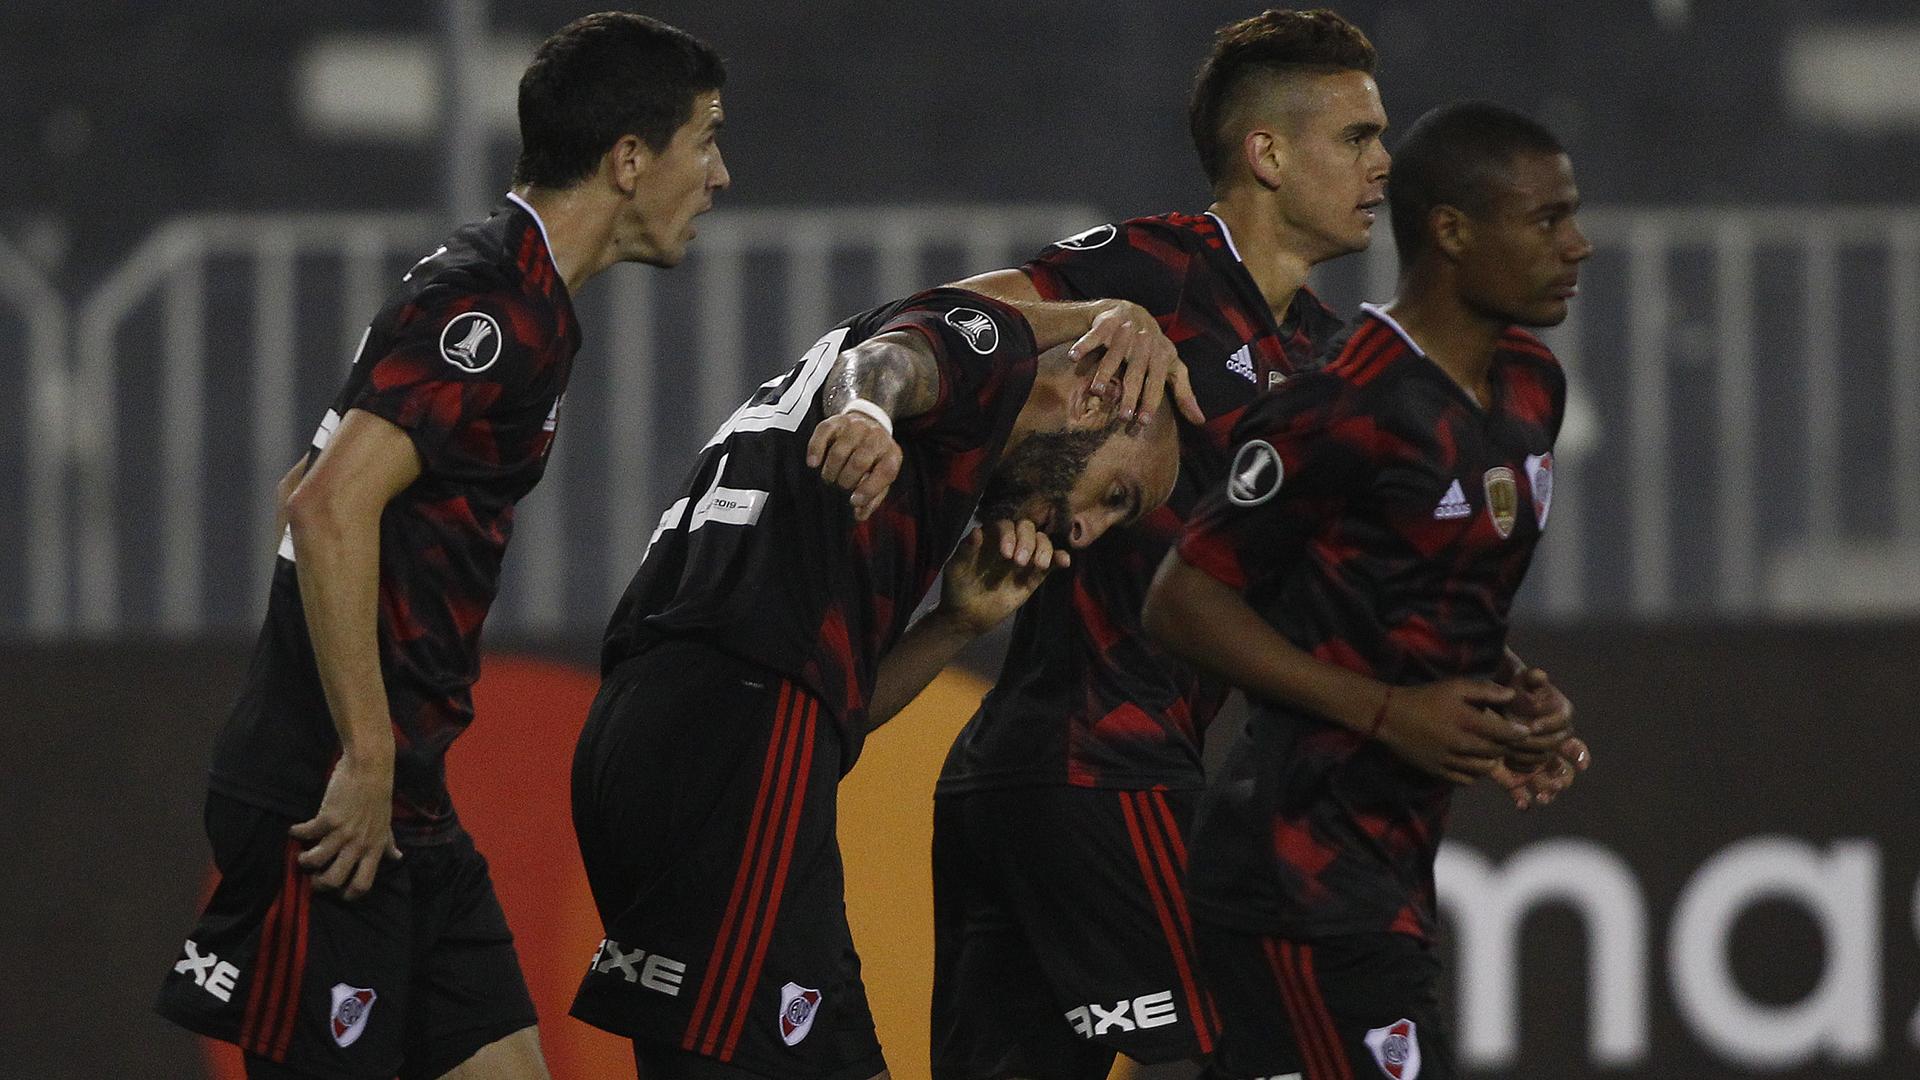 Copa Libertadores Review: River Plate advance, Boca Juniors held